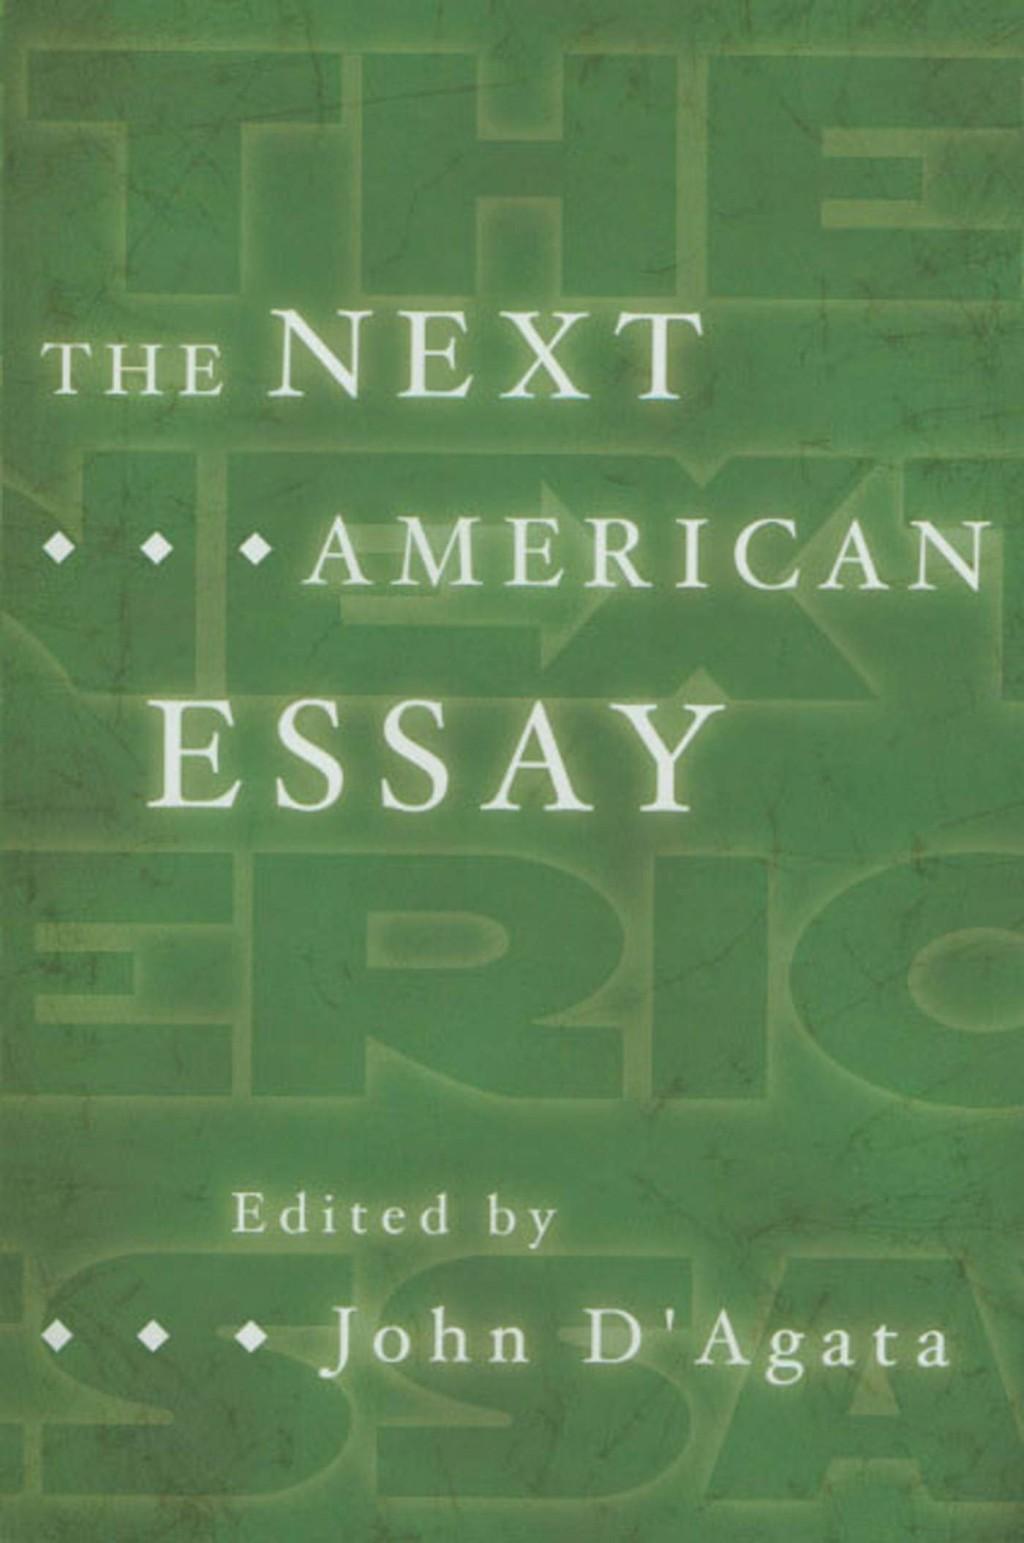 024 61uwmdqvqdl American Essay Striking Topics Titles Format Large